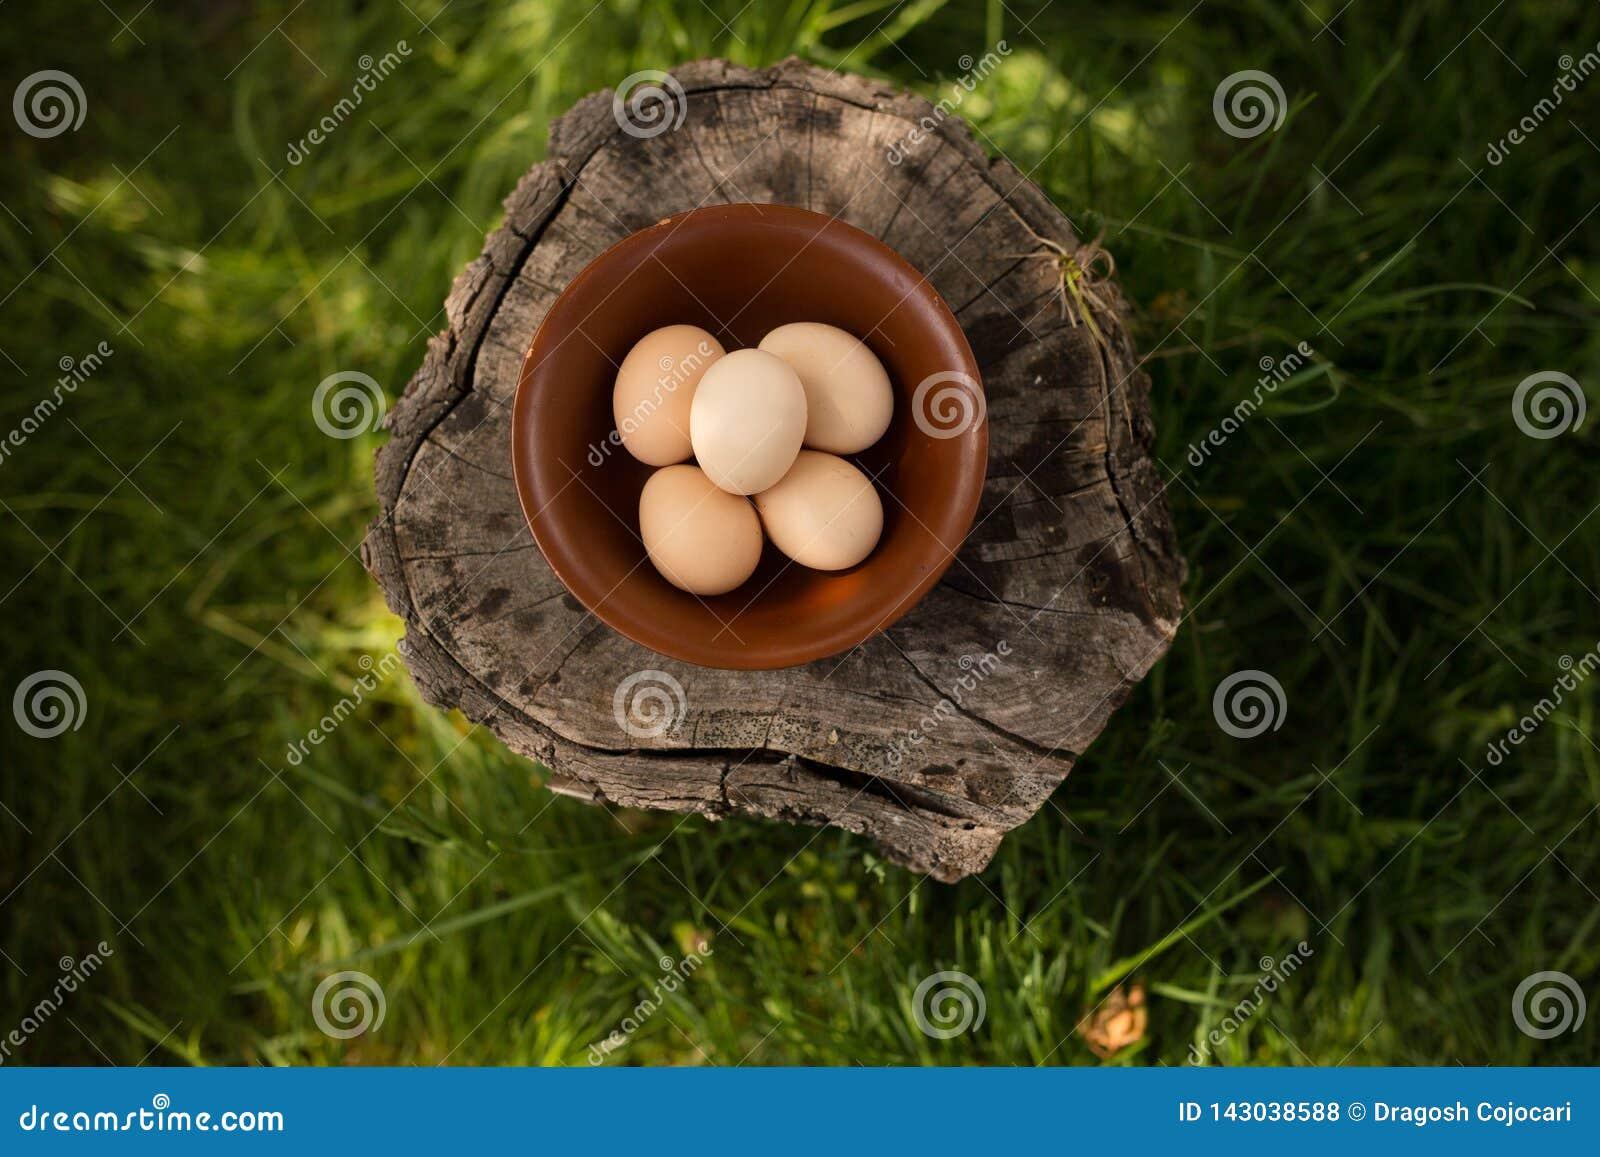 Het bebouwde beeld van de ruwe eieren van de landbouwbedrijfkip schikte in een plaat op een houten boomstam Horizontaal beeld Bio